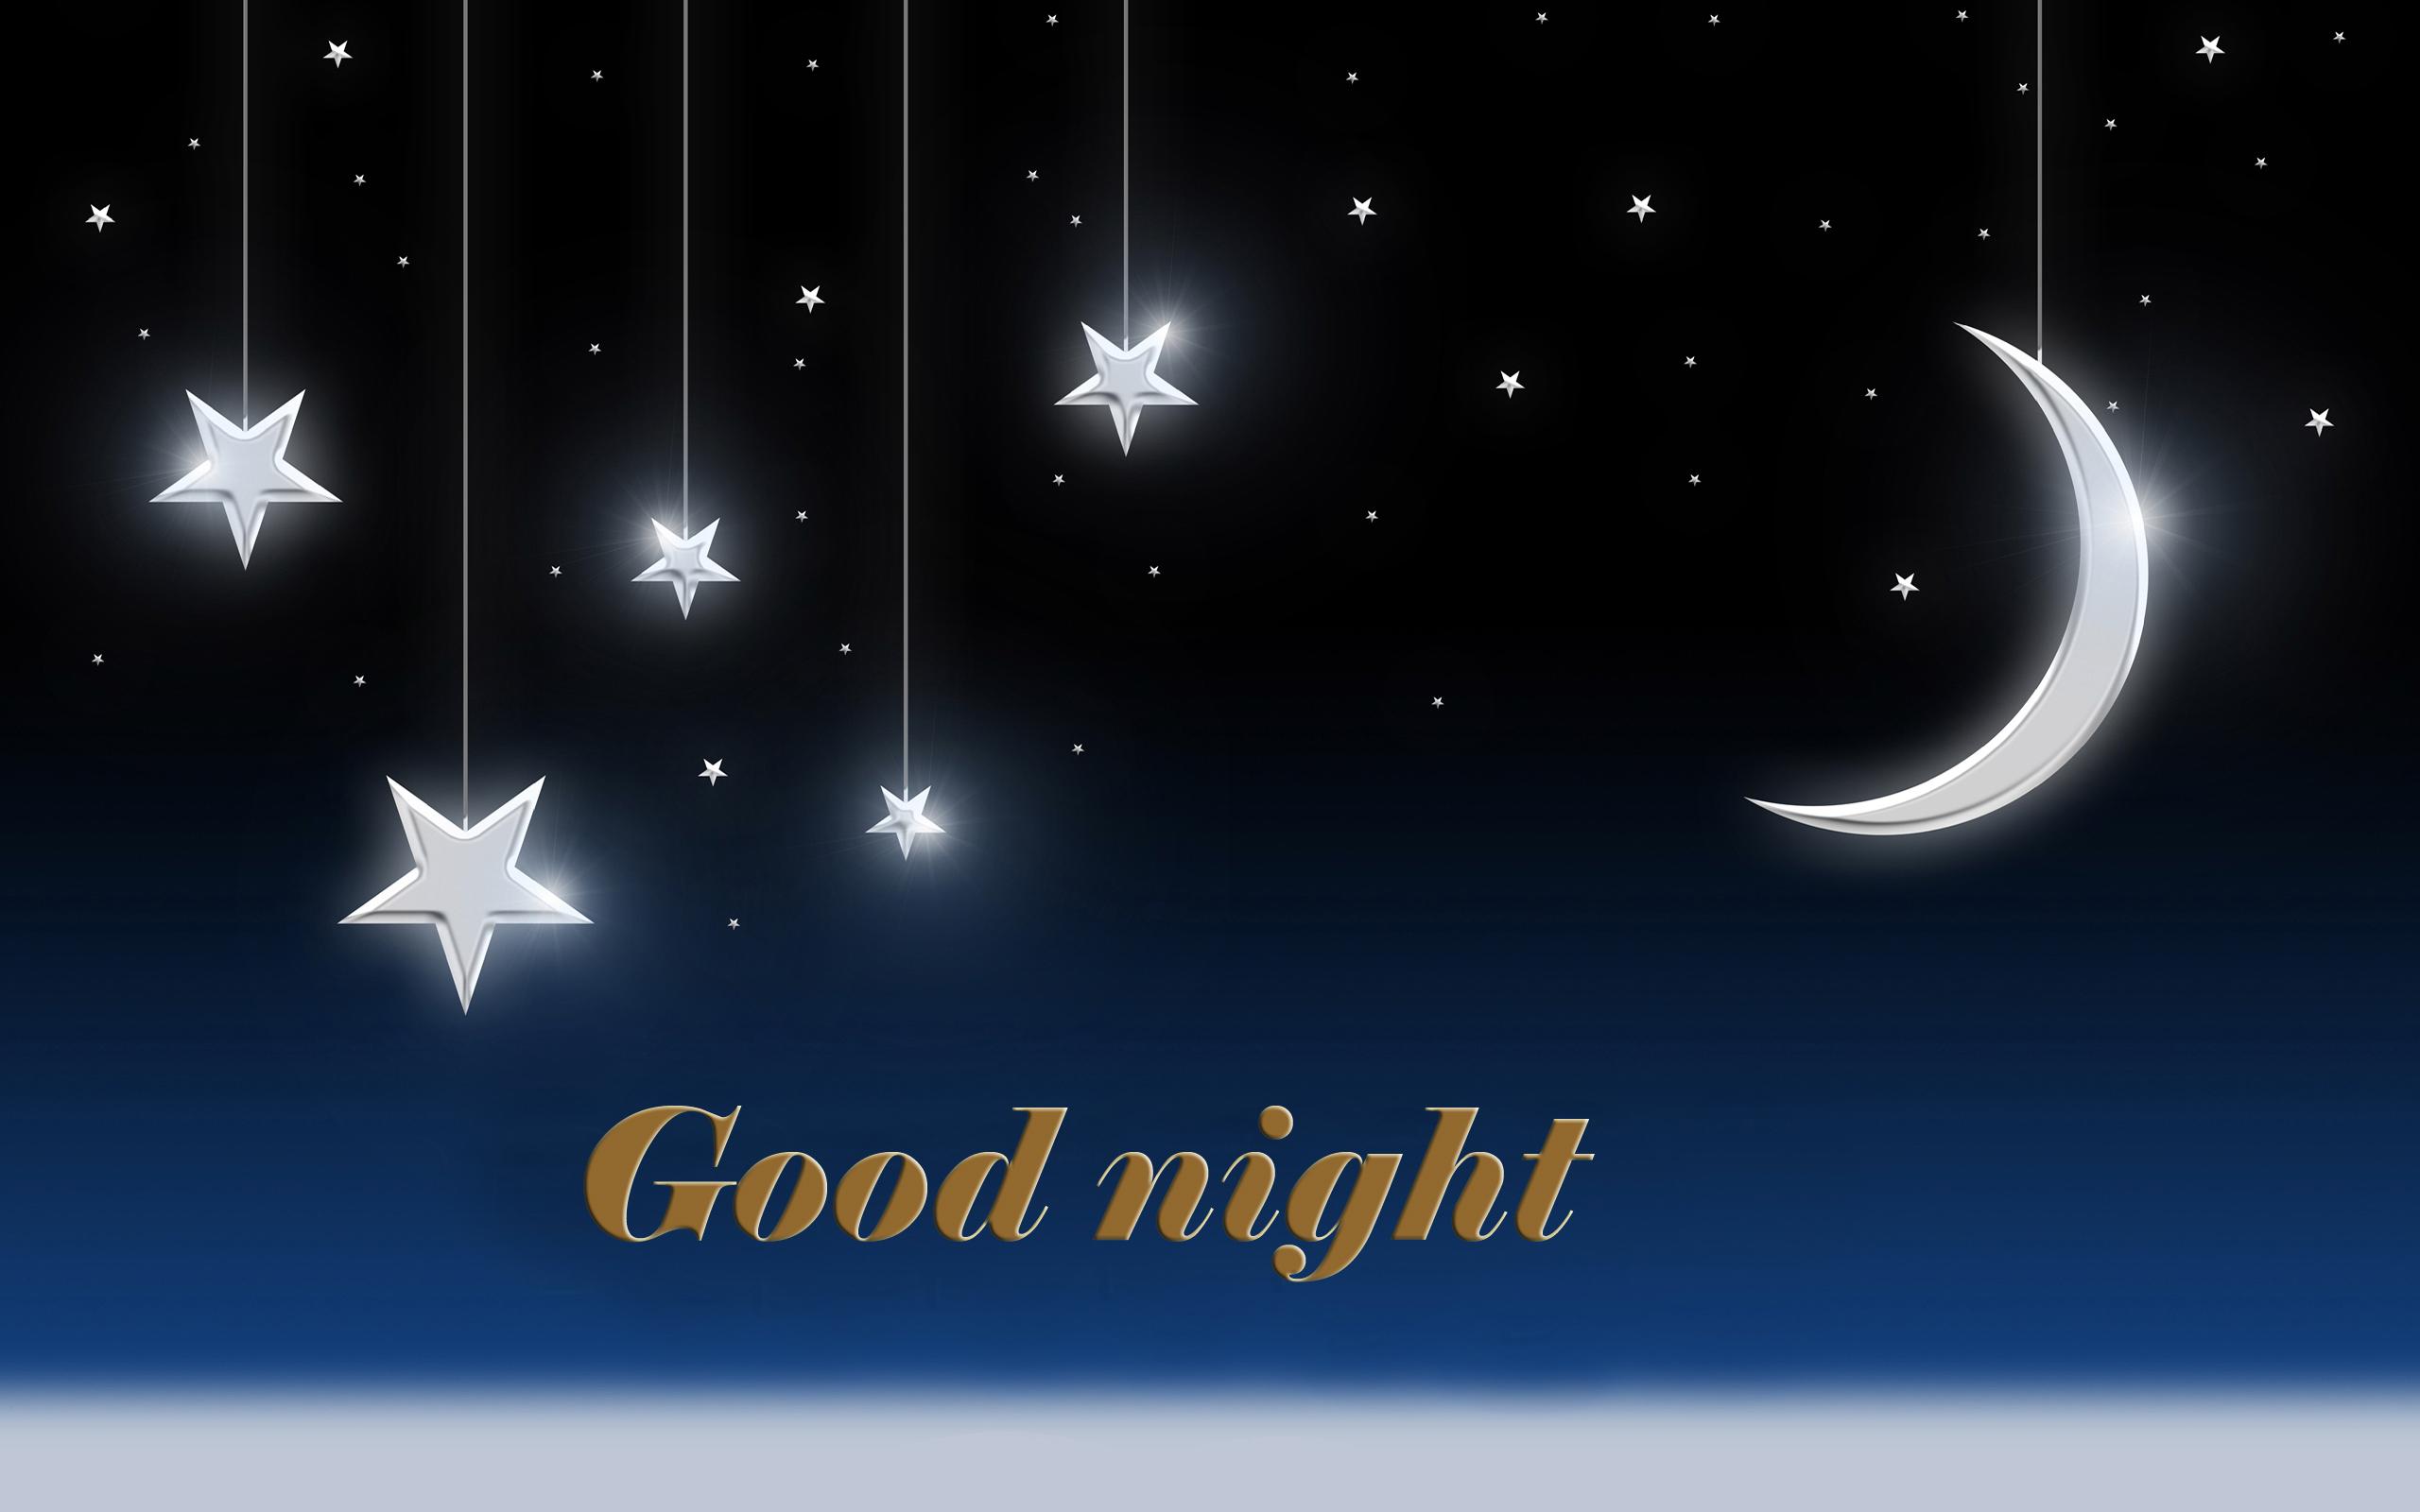 62 Good Night Wallpaper Romantic Download Gratis Terbaru